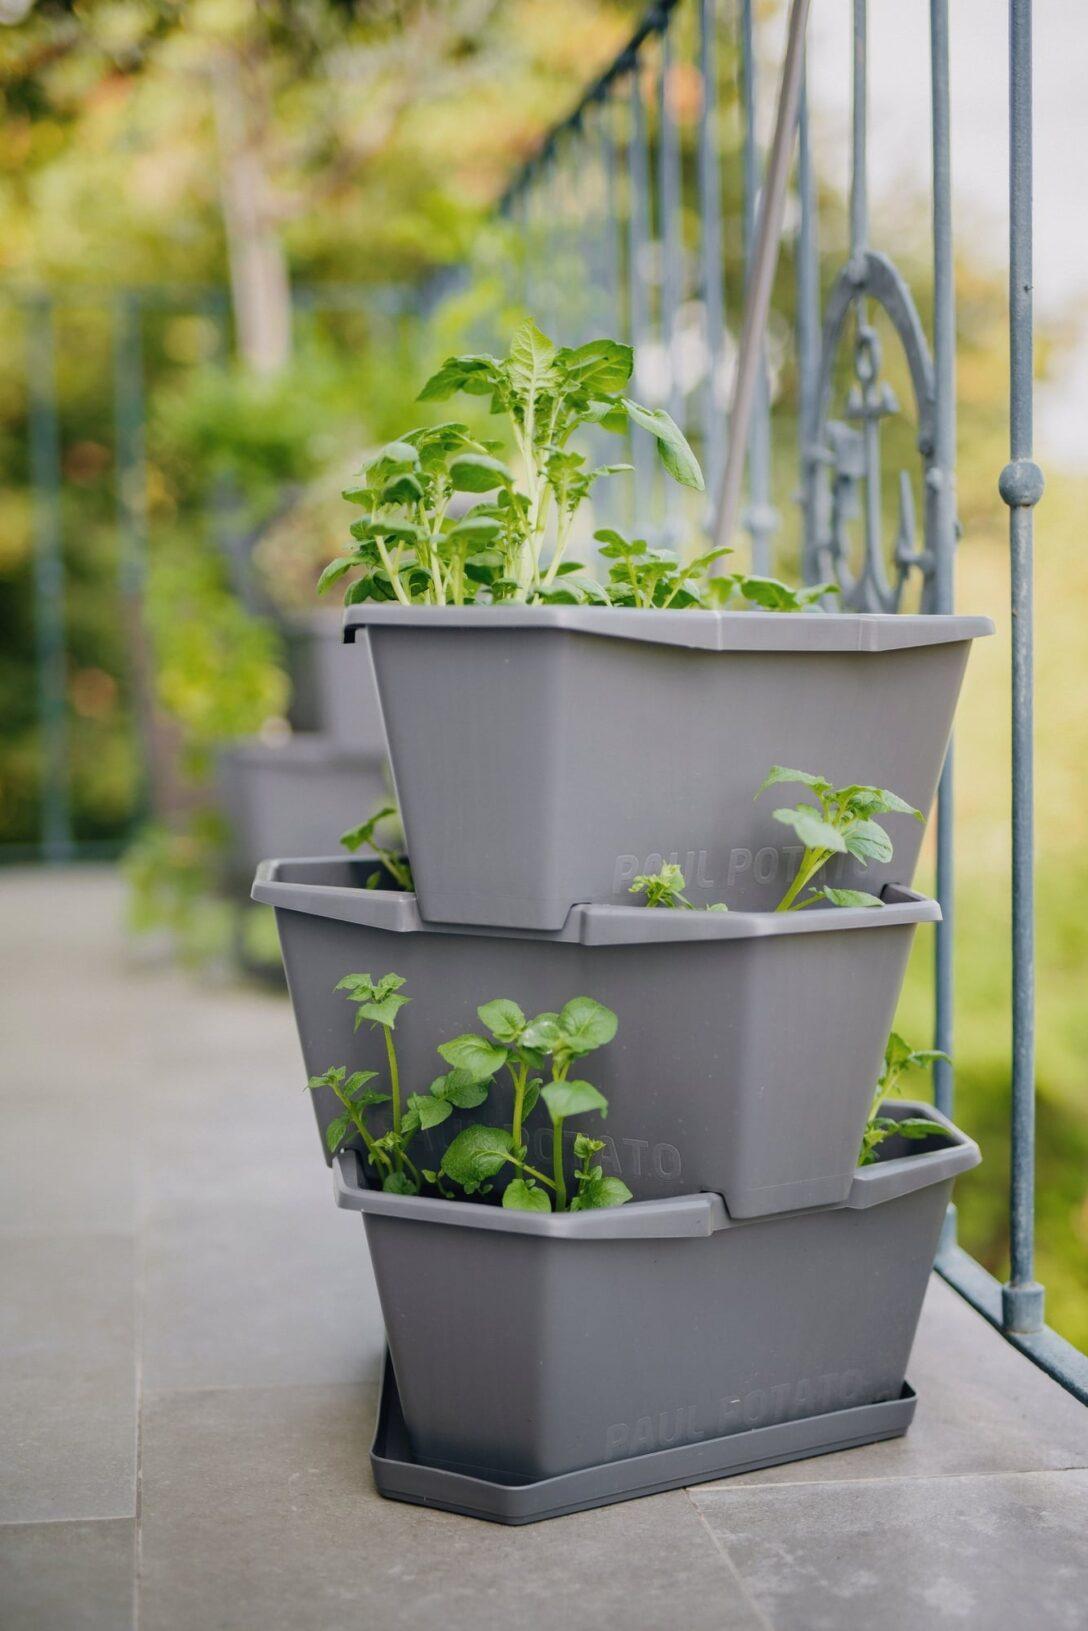 Paul Potato Kartoffelturm Erfahrungen Gusta Garden Starter 3 Etagen Bloomling Deutschland